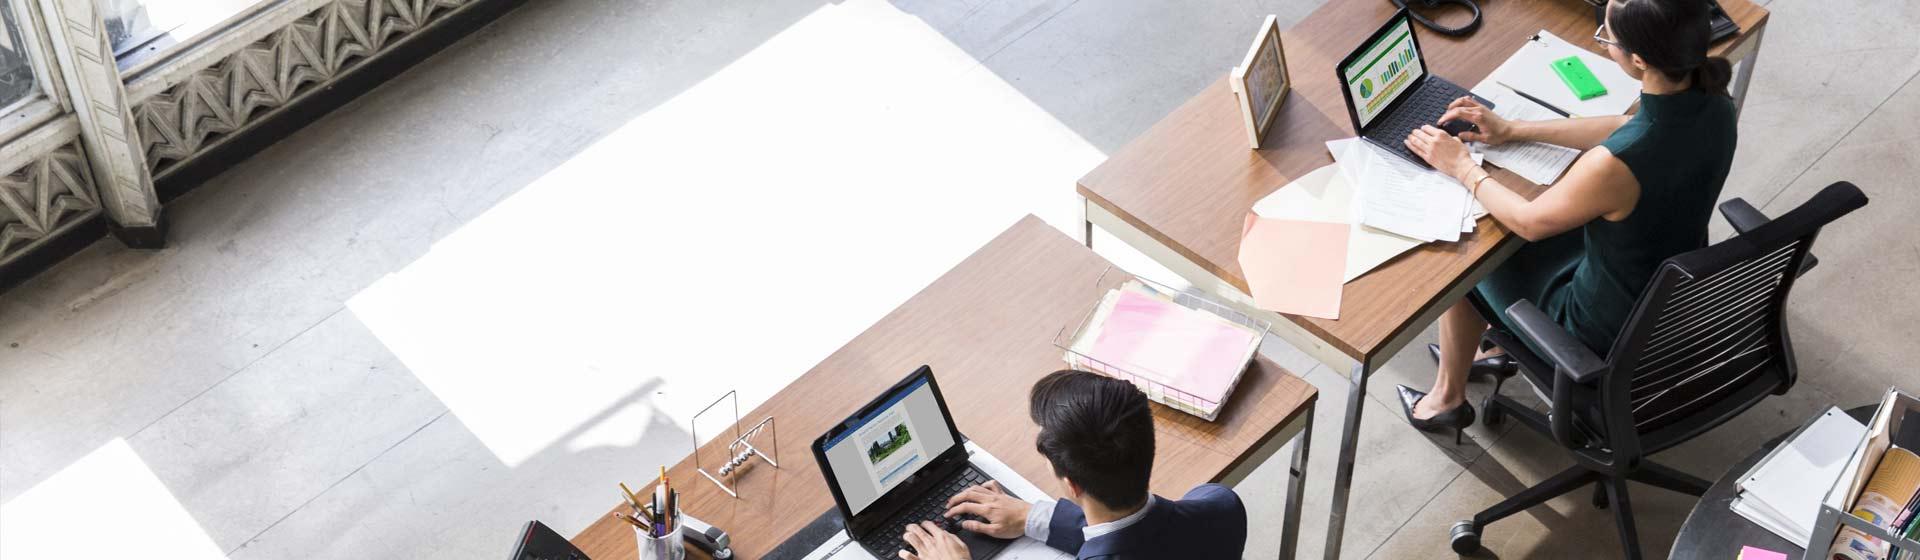 Aumenta i vantaggi: aggiorna oggi stesso Office 2013 a Office 365